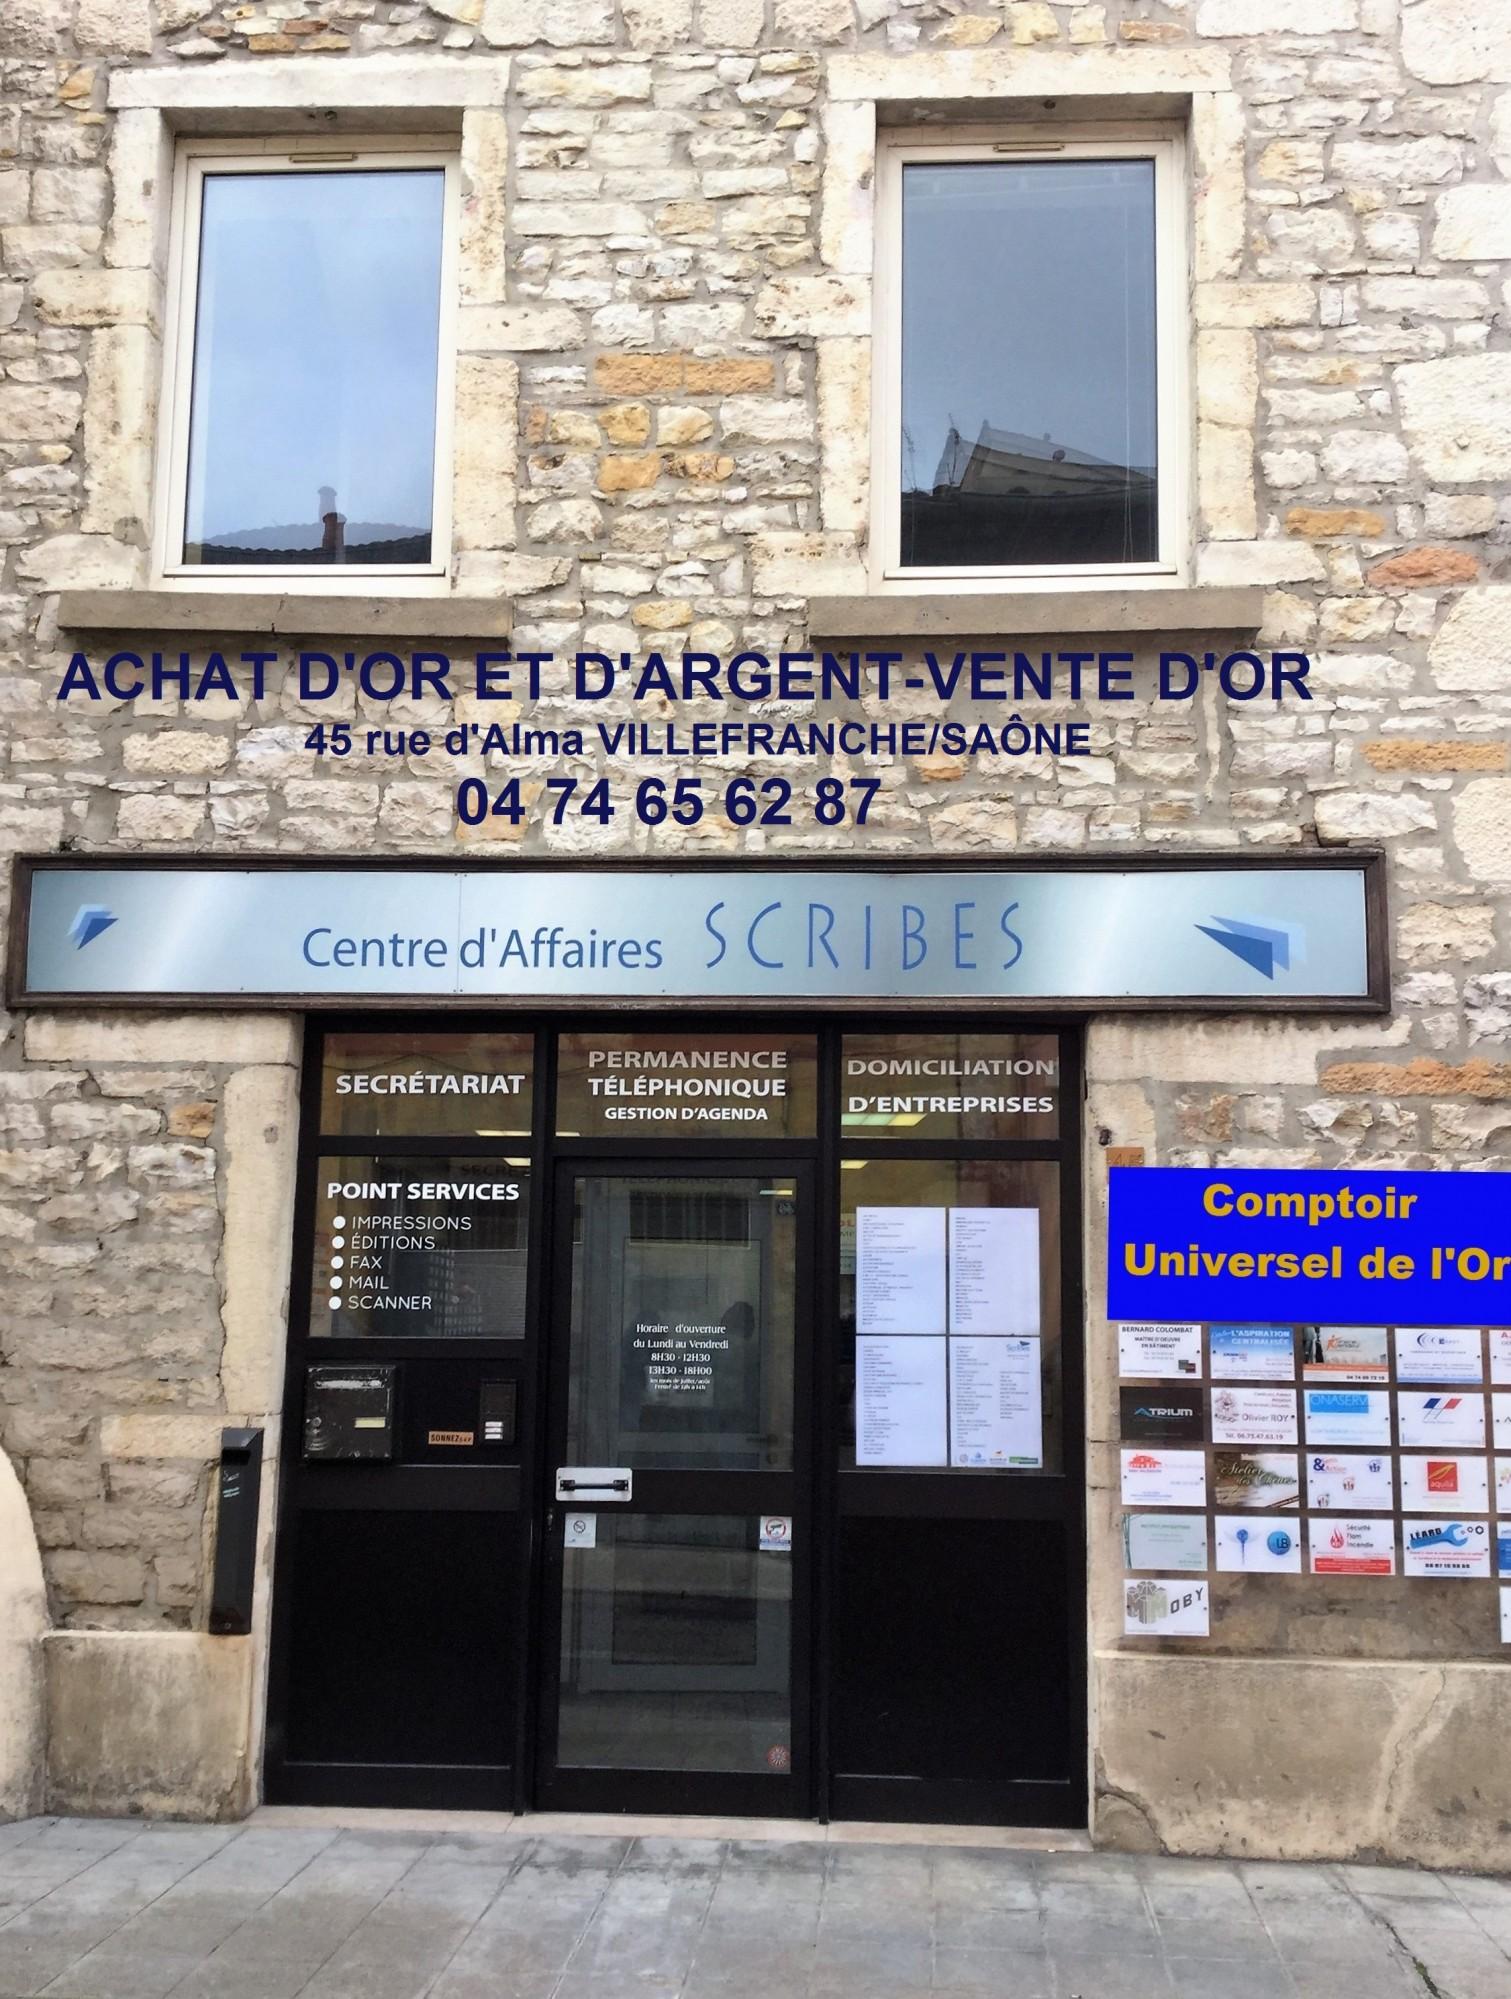 Les ouvertures de comptoir d'achat d'or les 3,4 et 5 janvier 2017 département de Saône-et-Loire